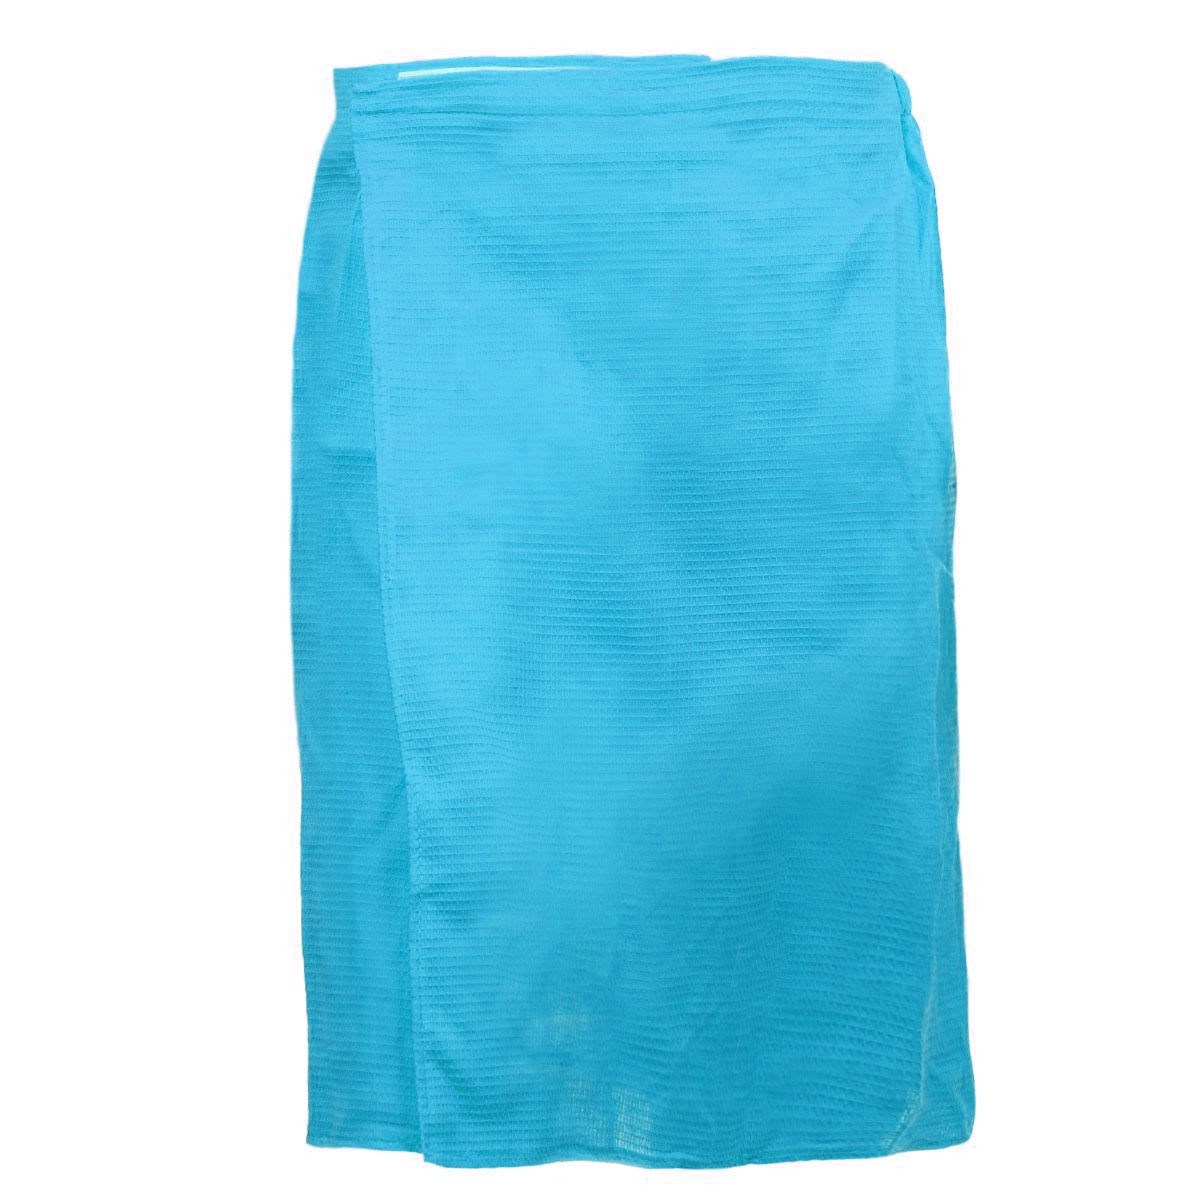 Килт для бани и сауны Банные штучки, мужской, цвет: голубой килт для бани и сауны банные штучки мужской цвет в ассортименте